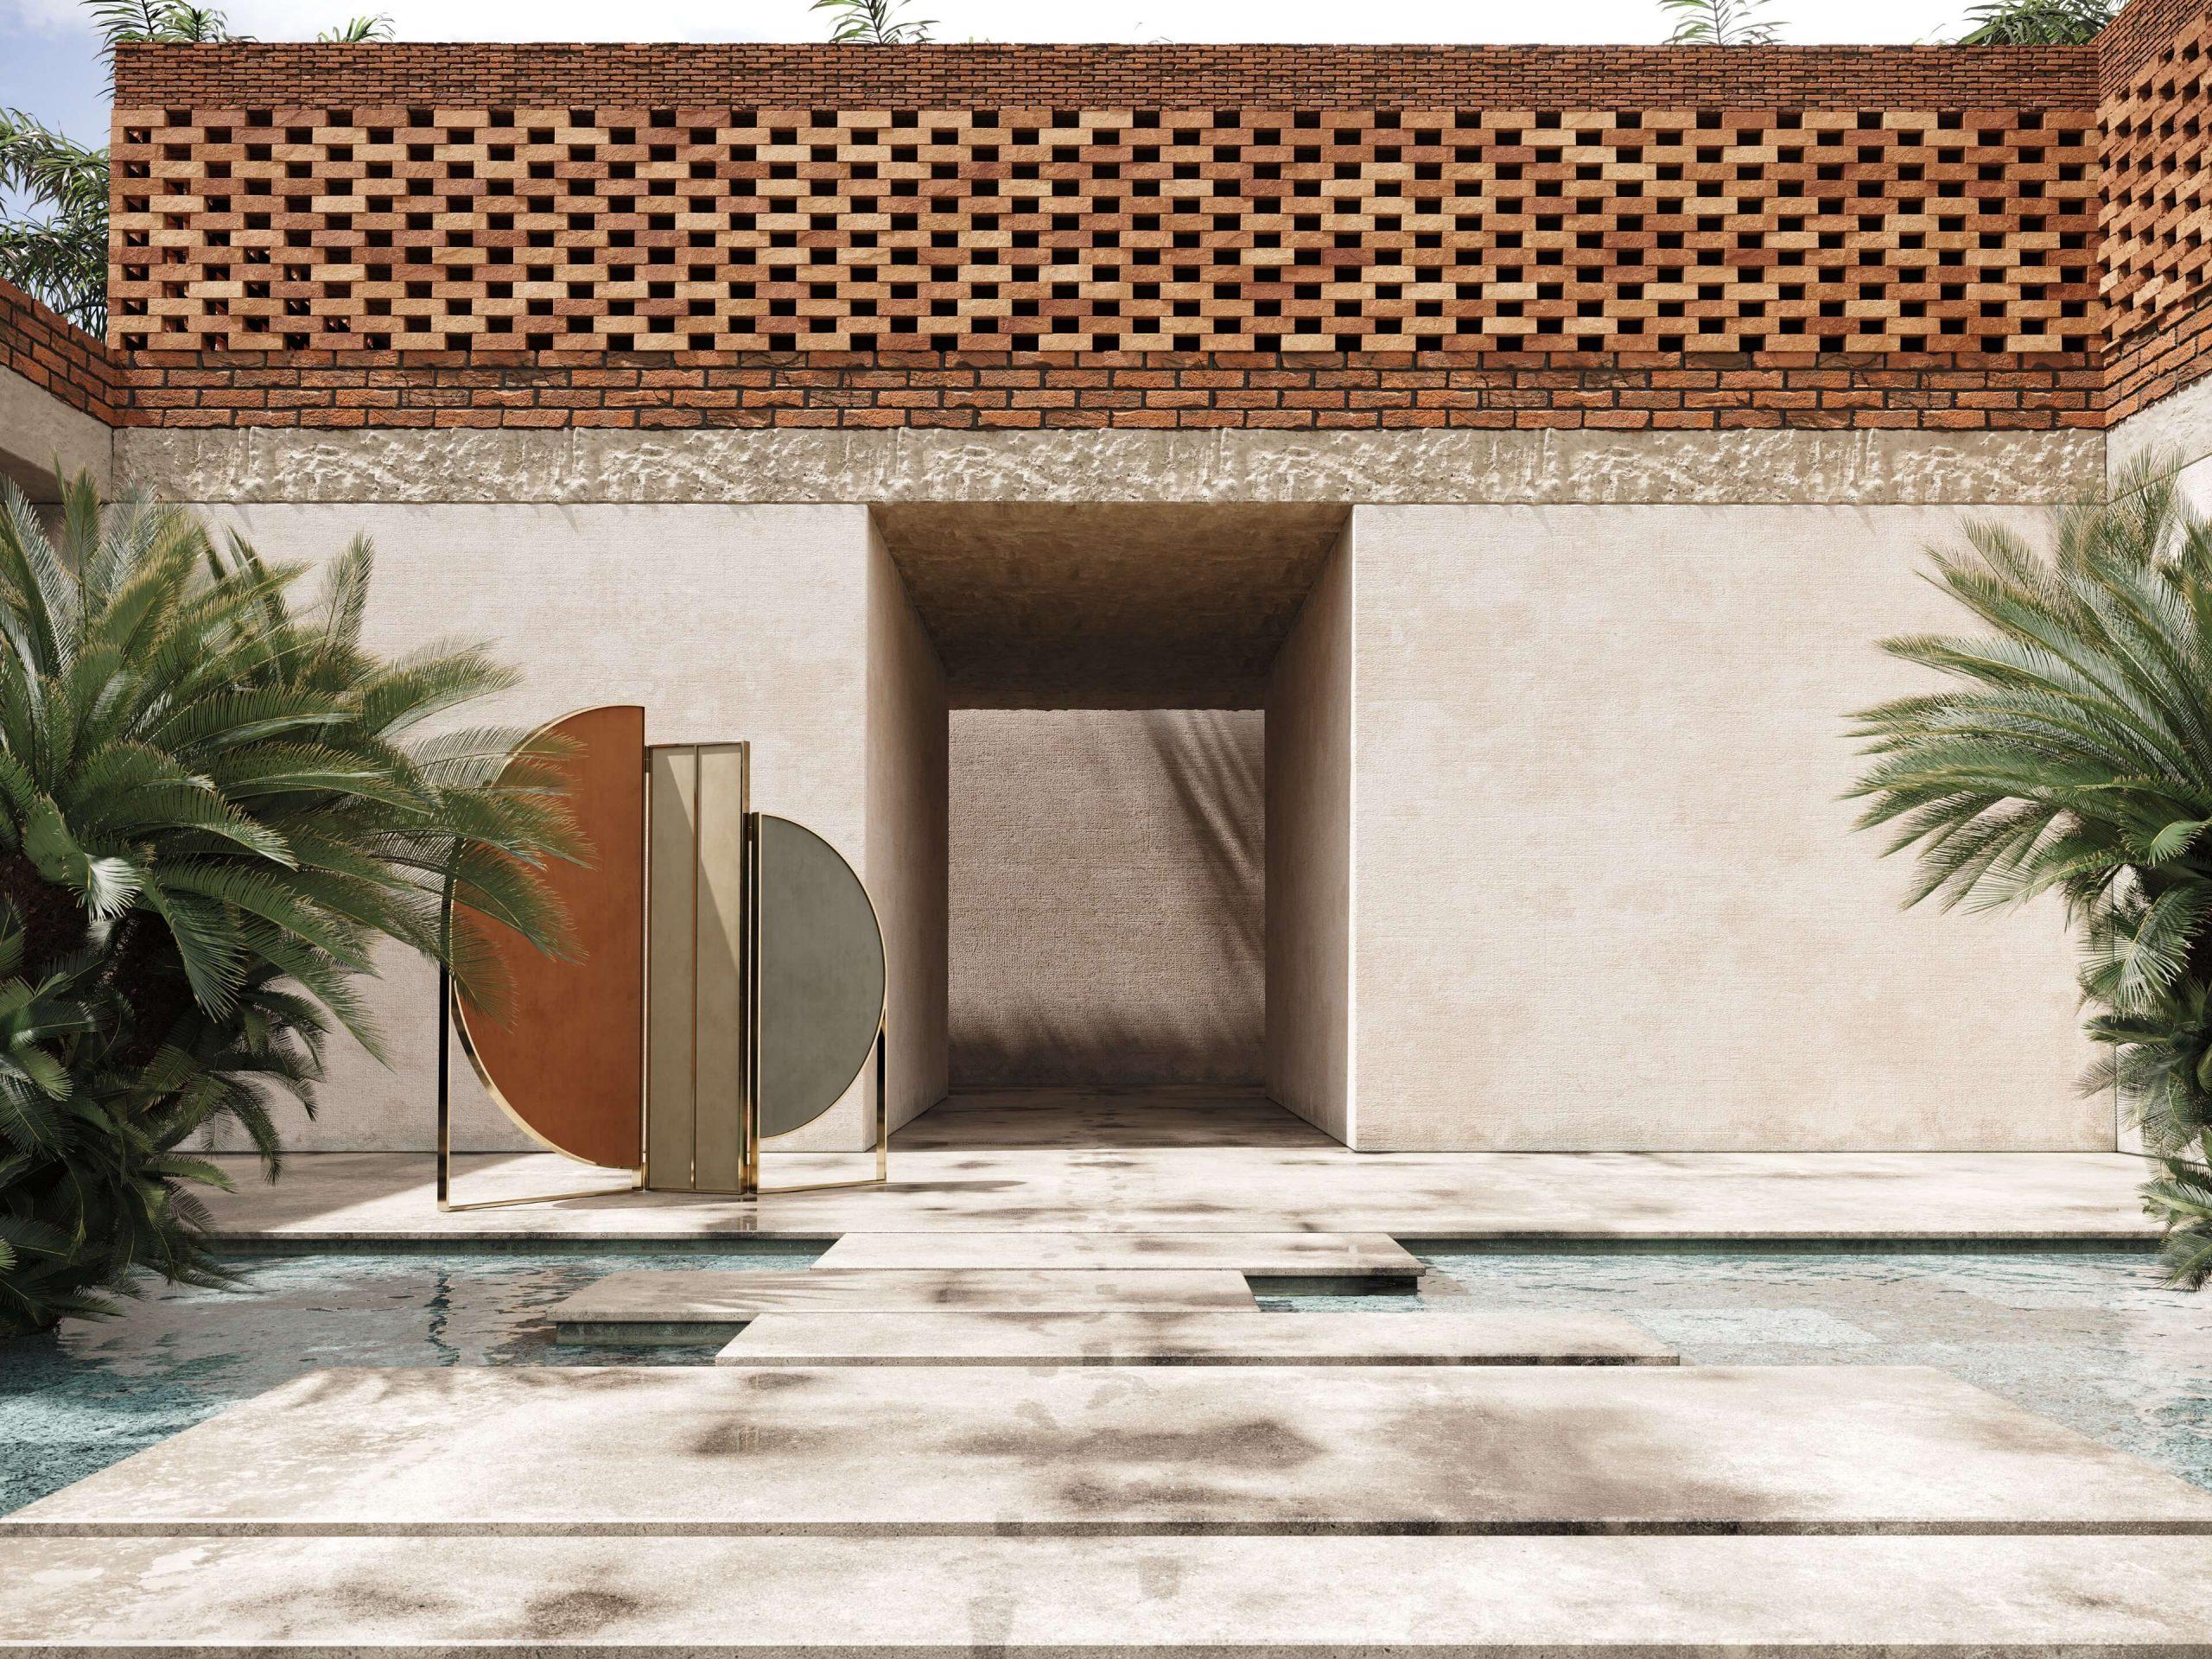 sunset-folding-screen-velvet-master-bedroom-furniture-living-room-domkapa-3